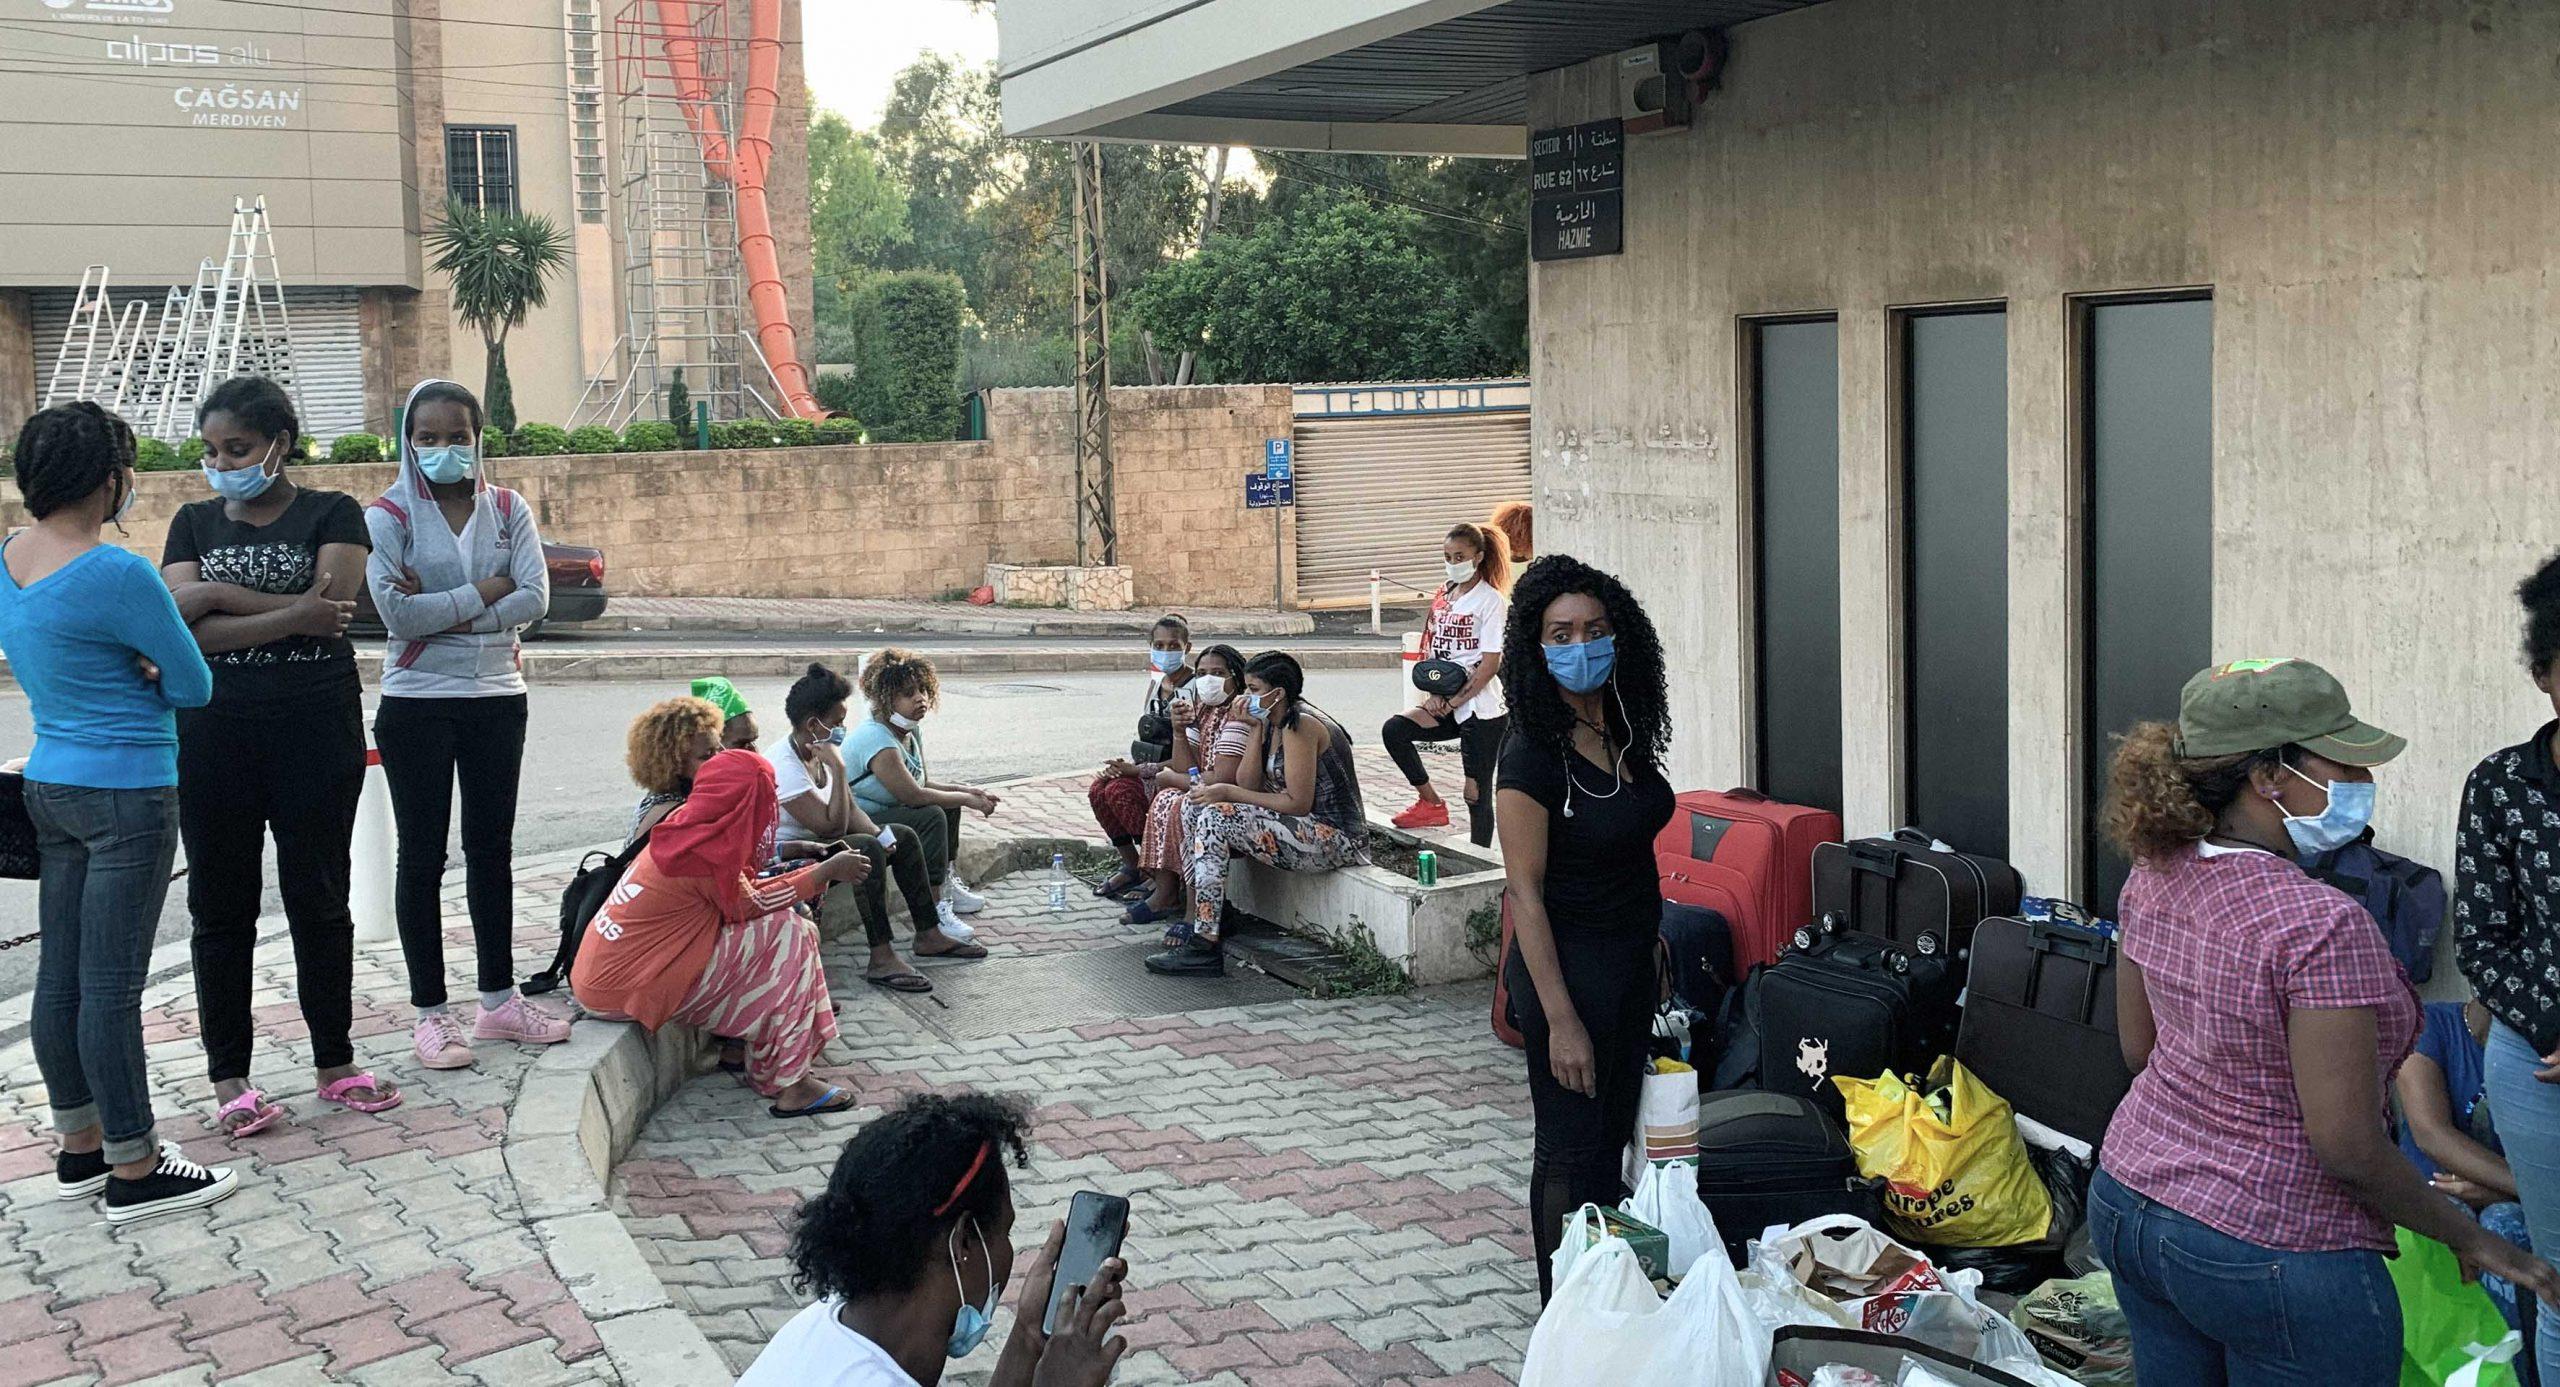 صورة حملة إنسانية في لبنان: عائلات ترحم العاملات الأجنبيات من قرف العيشة معها وترميهن في الشارع